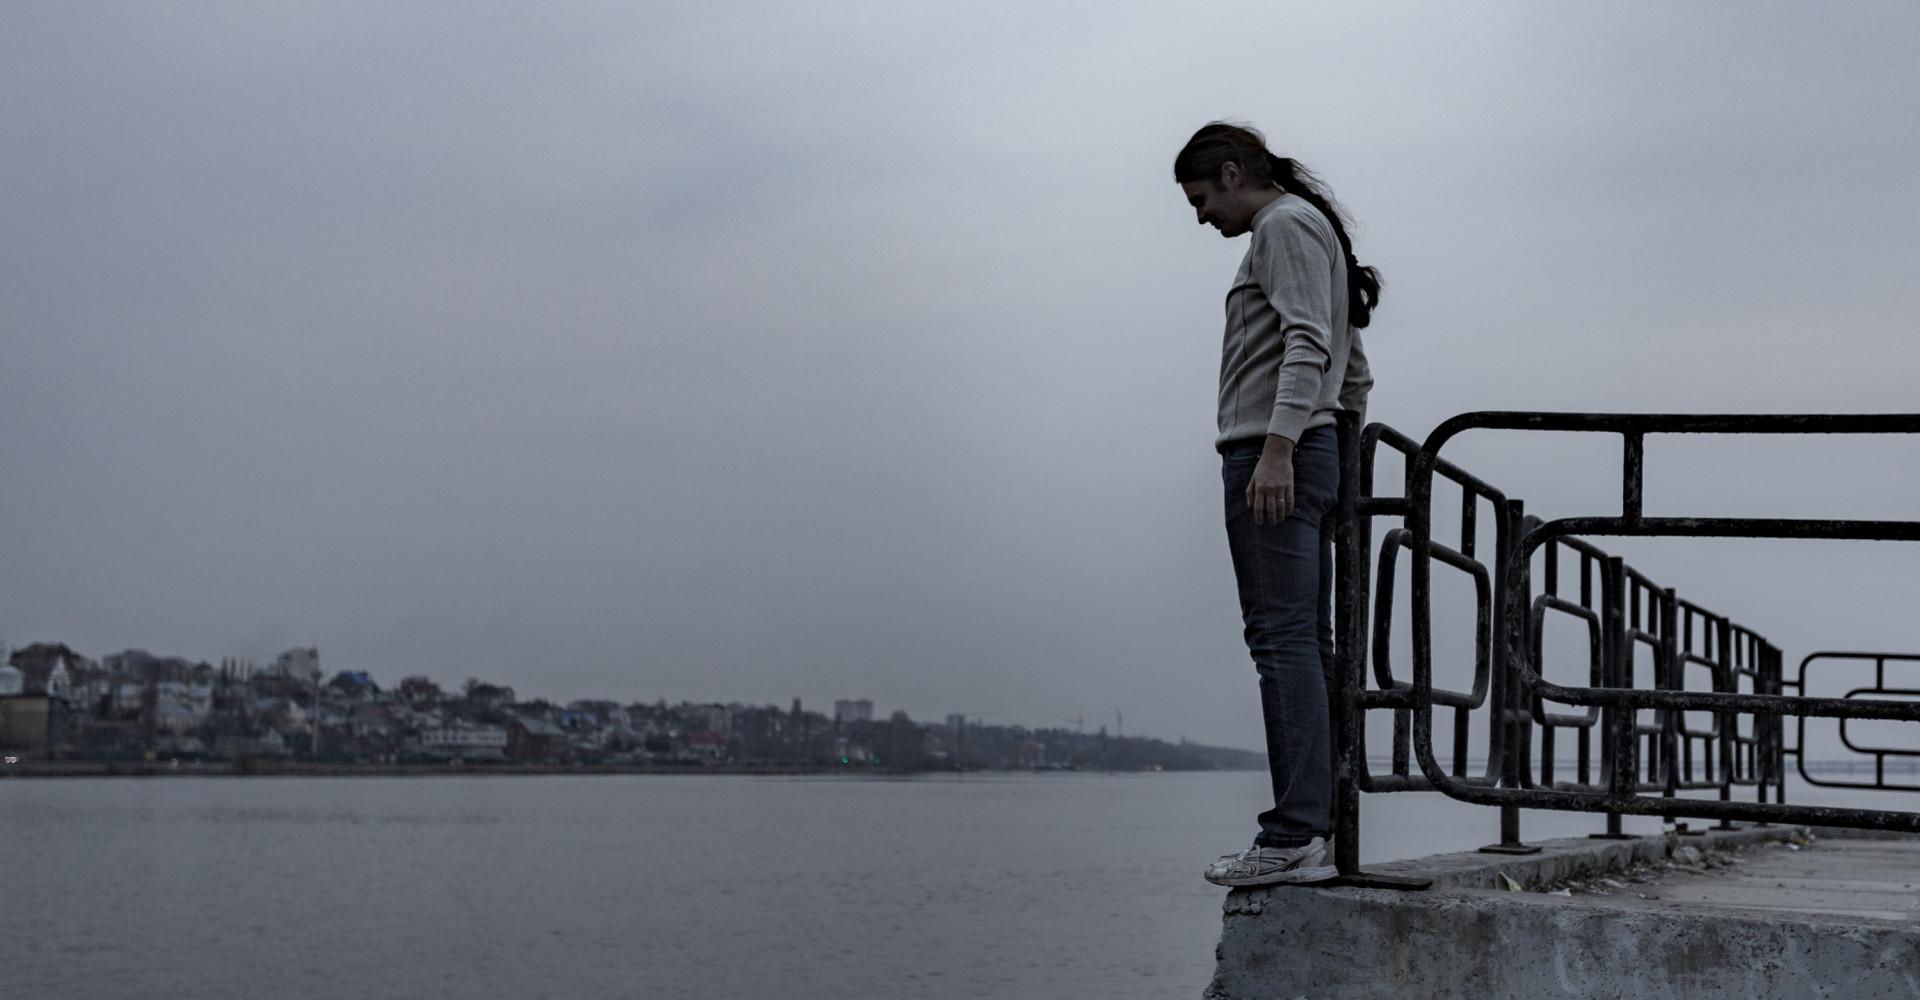 Dodelijke sprong maken: ook non-suïcidale mensen denken hieraan